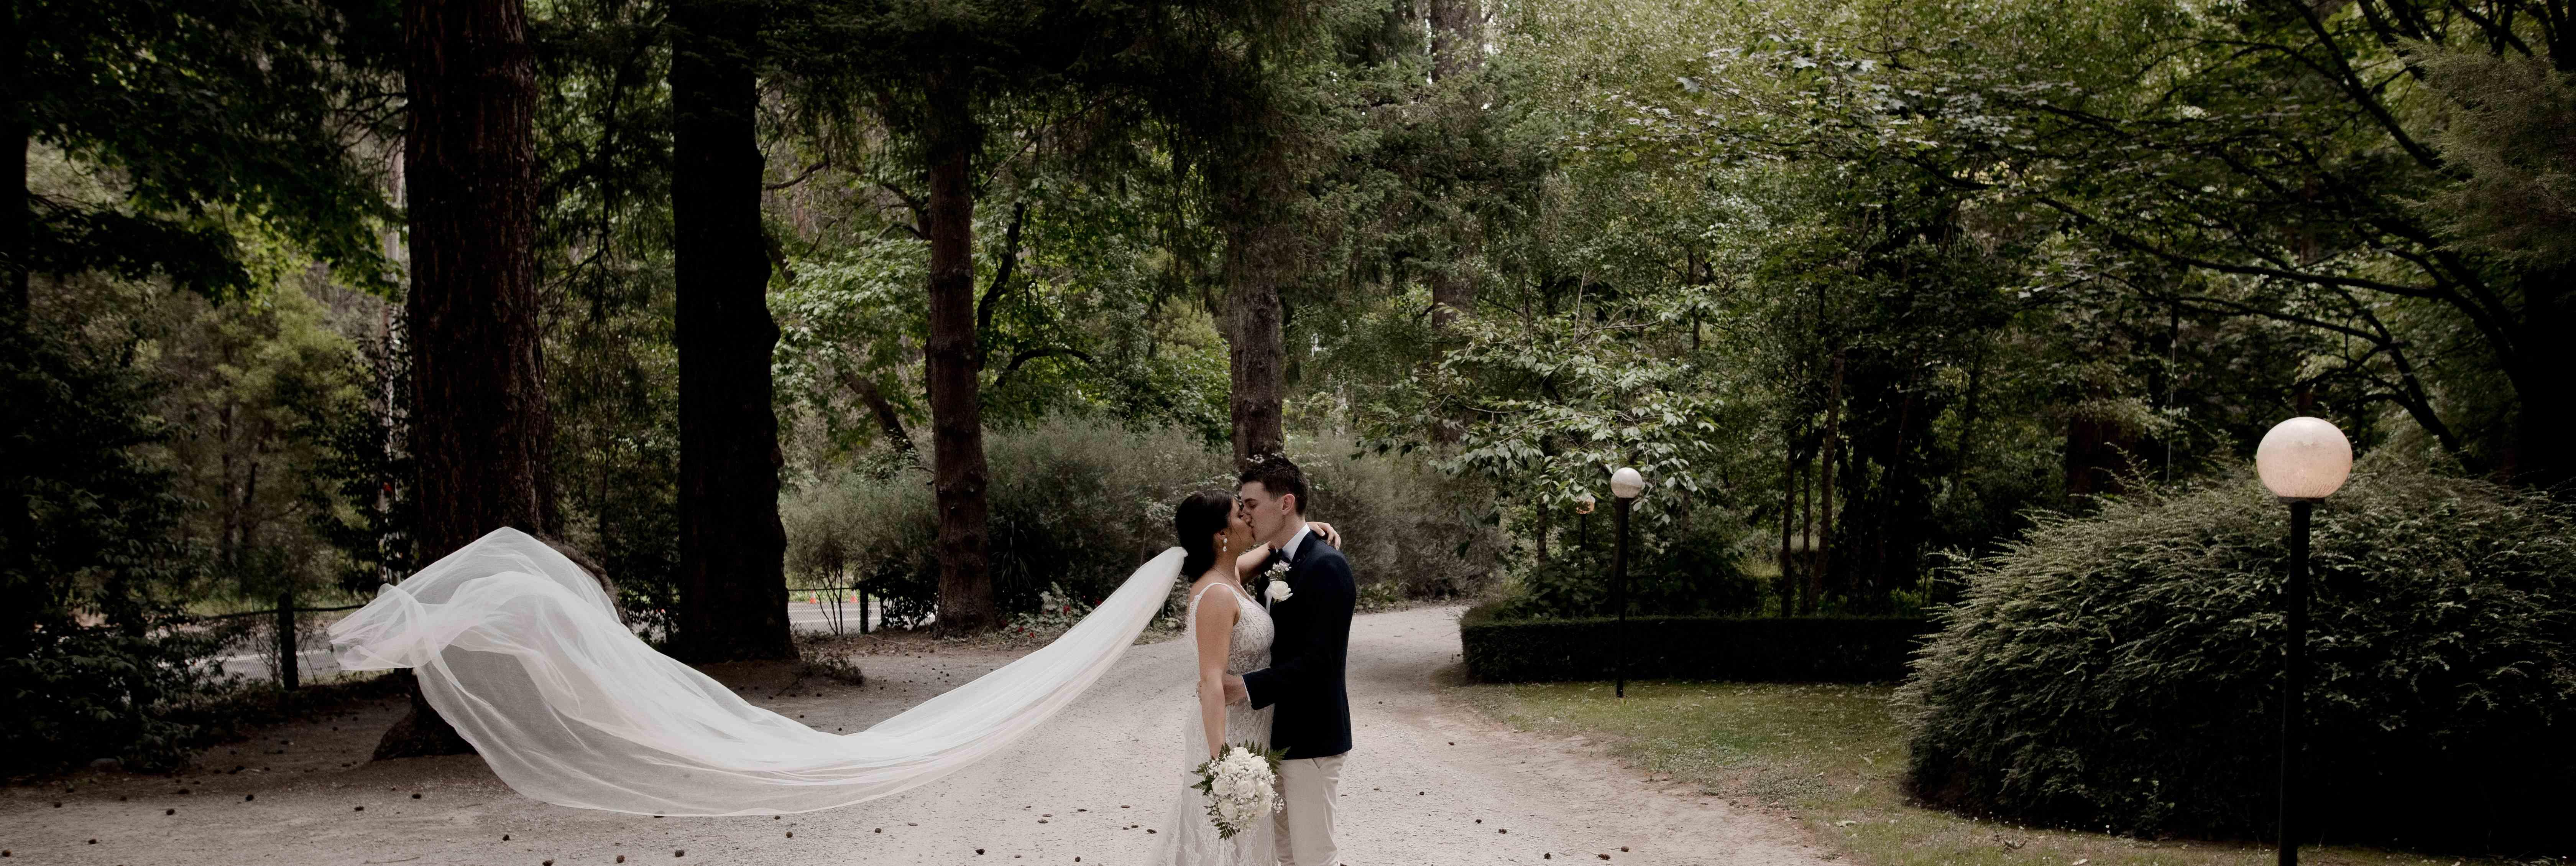 POETSLANE_WEDDINGVENUE